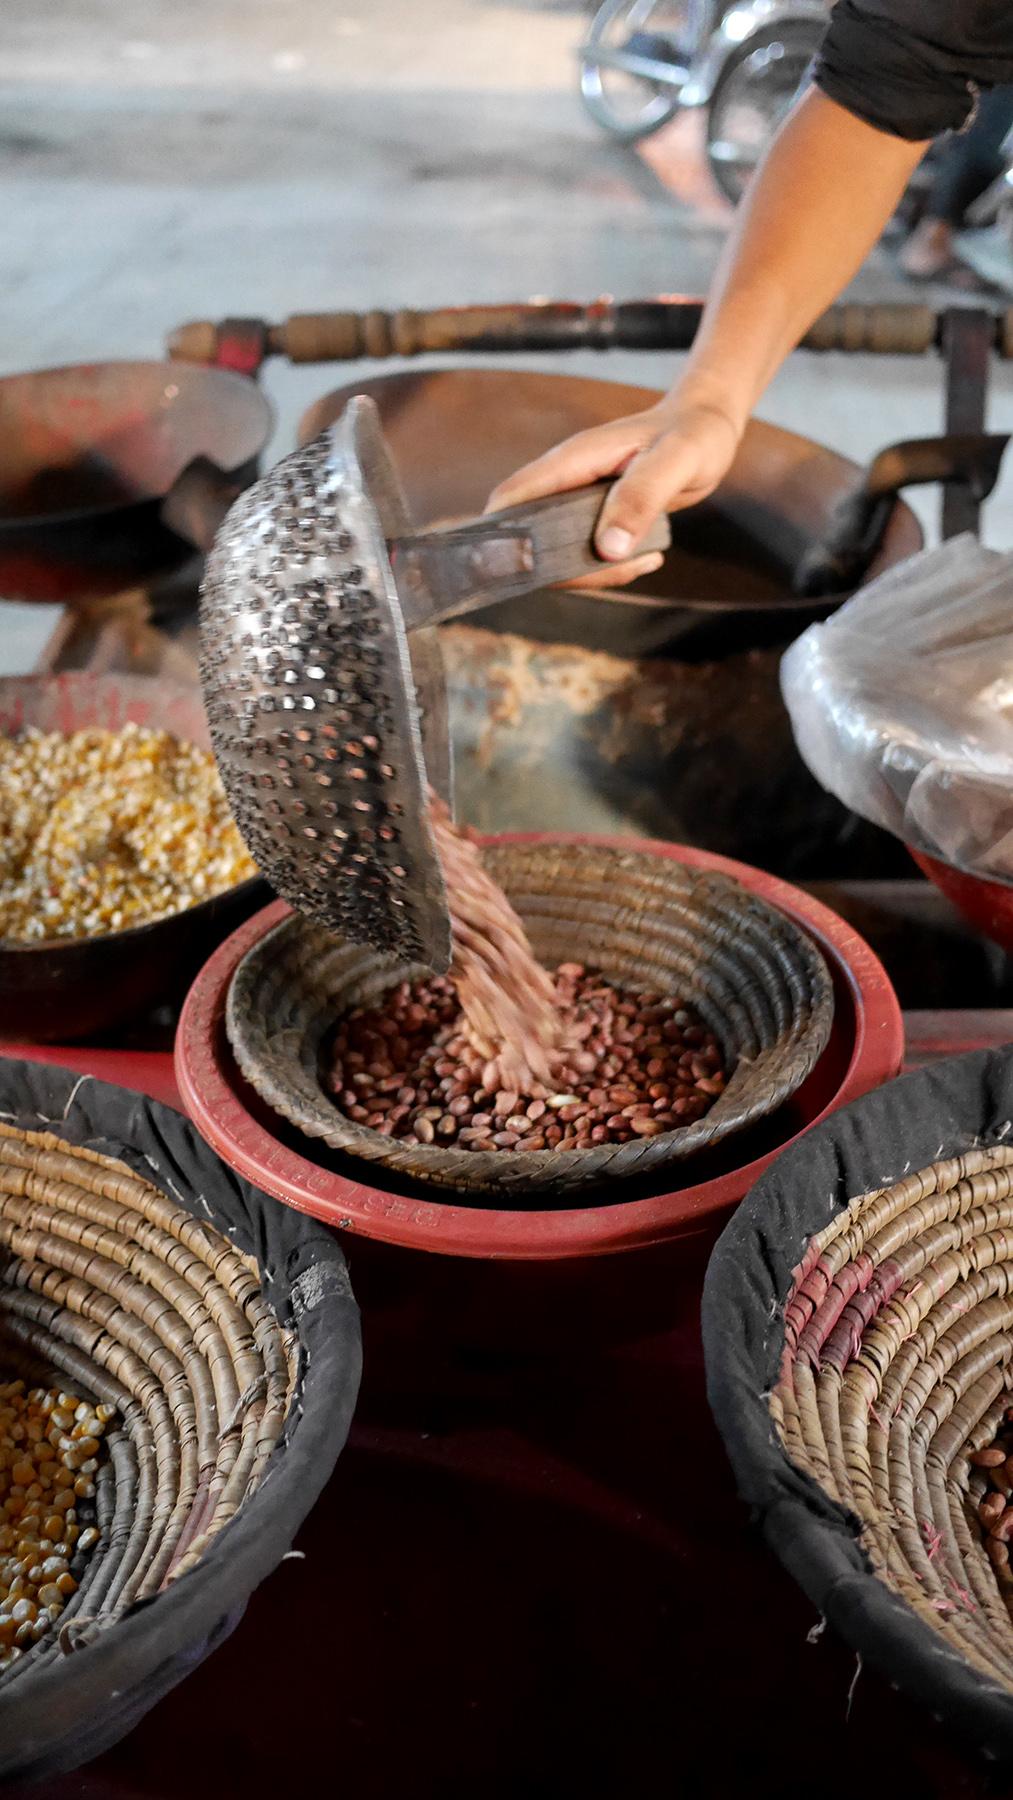 Suolassa paahdettuja maapähkinöitä, maissia ja linssejä